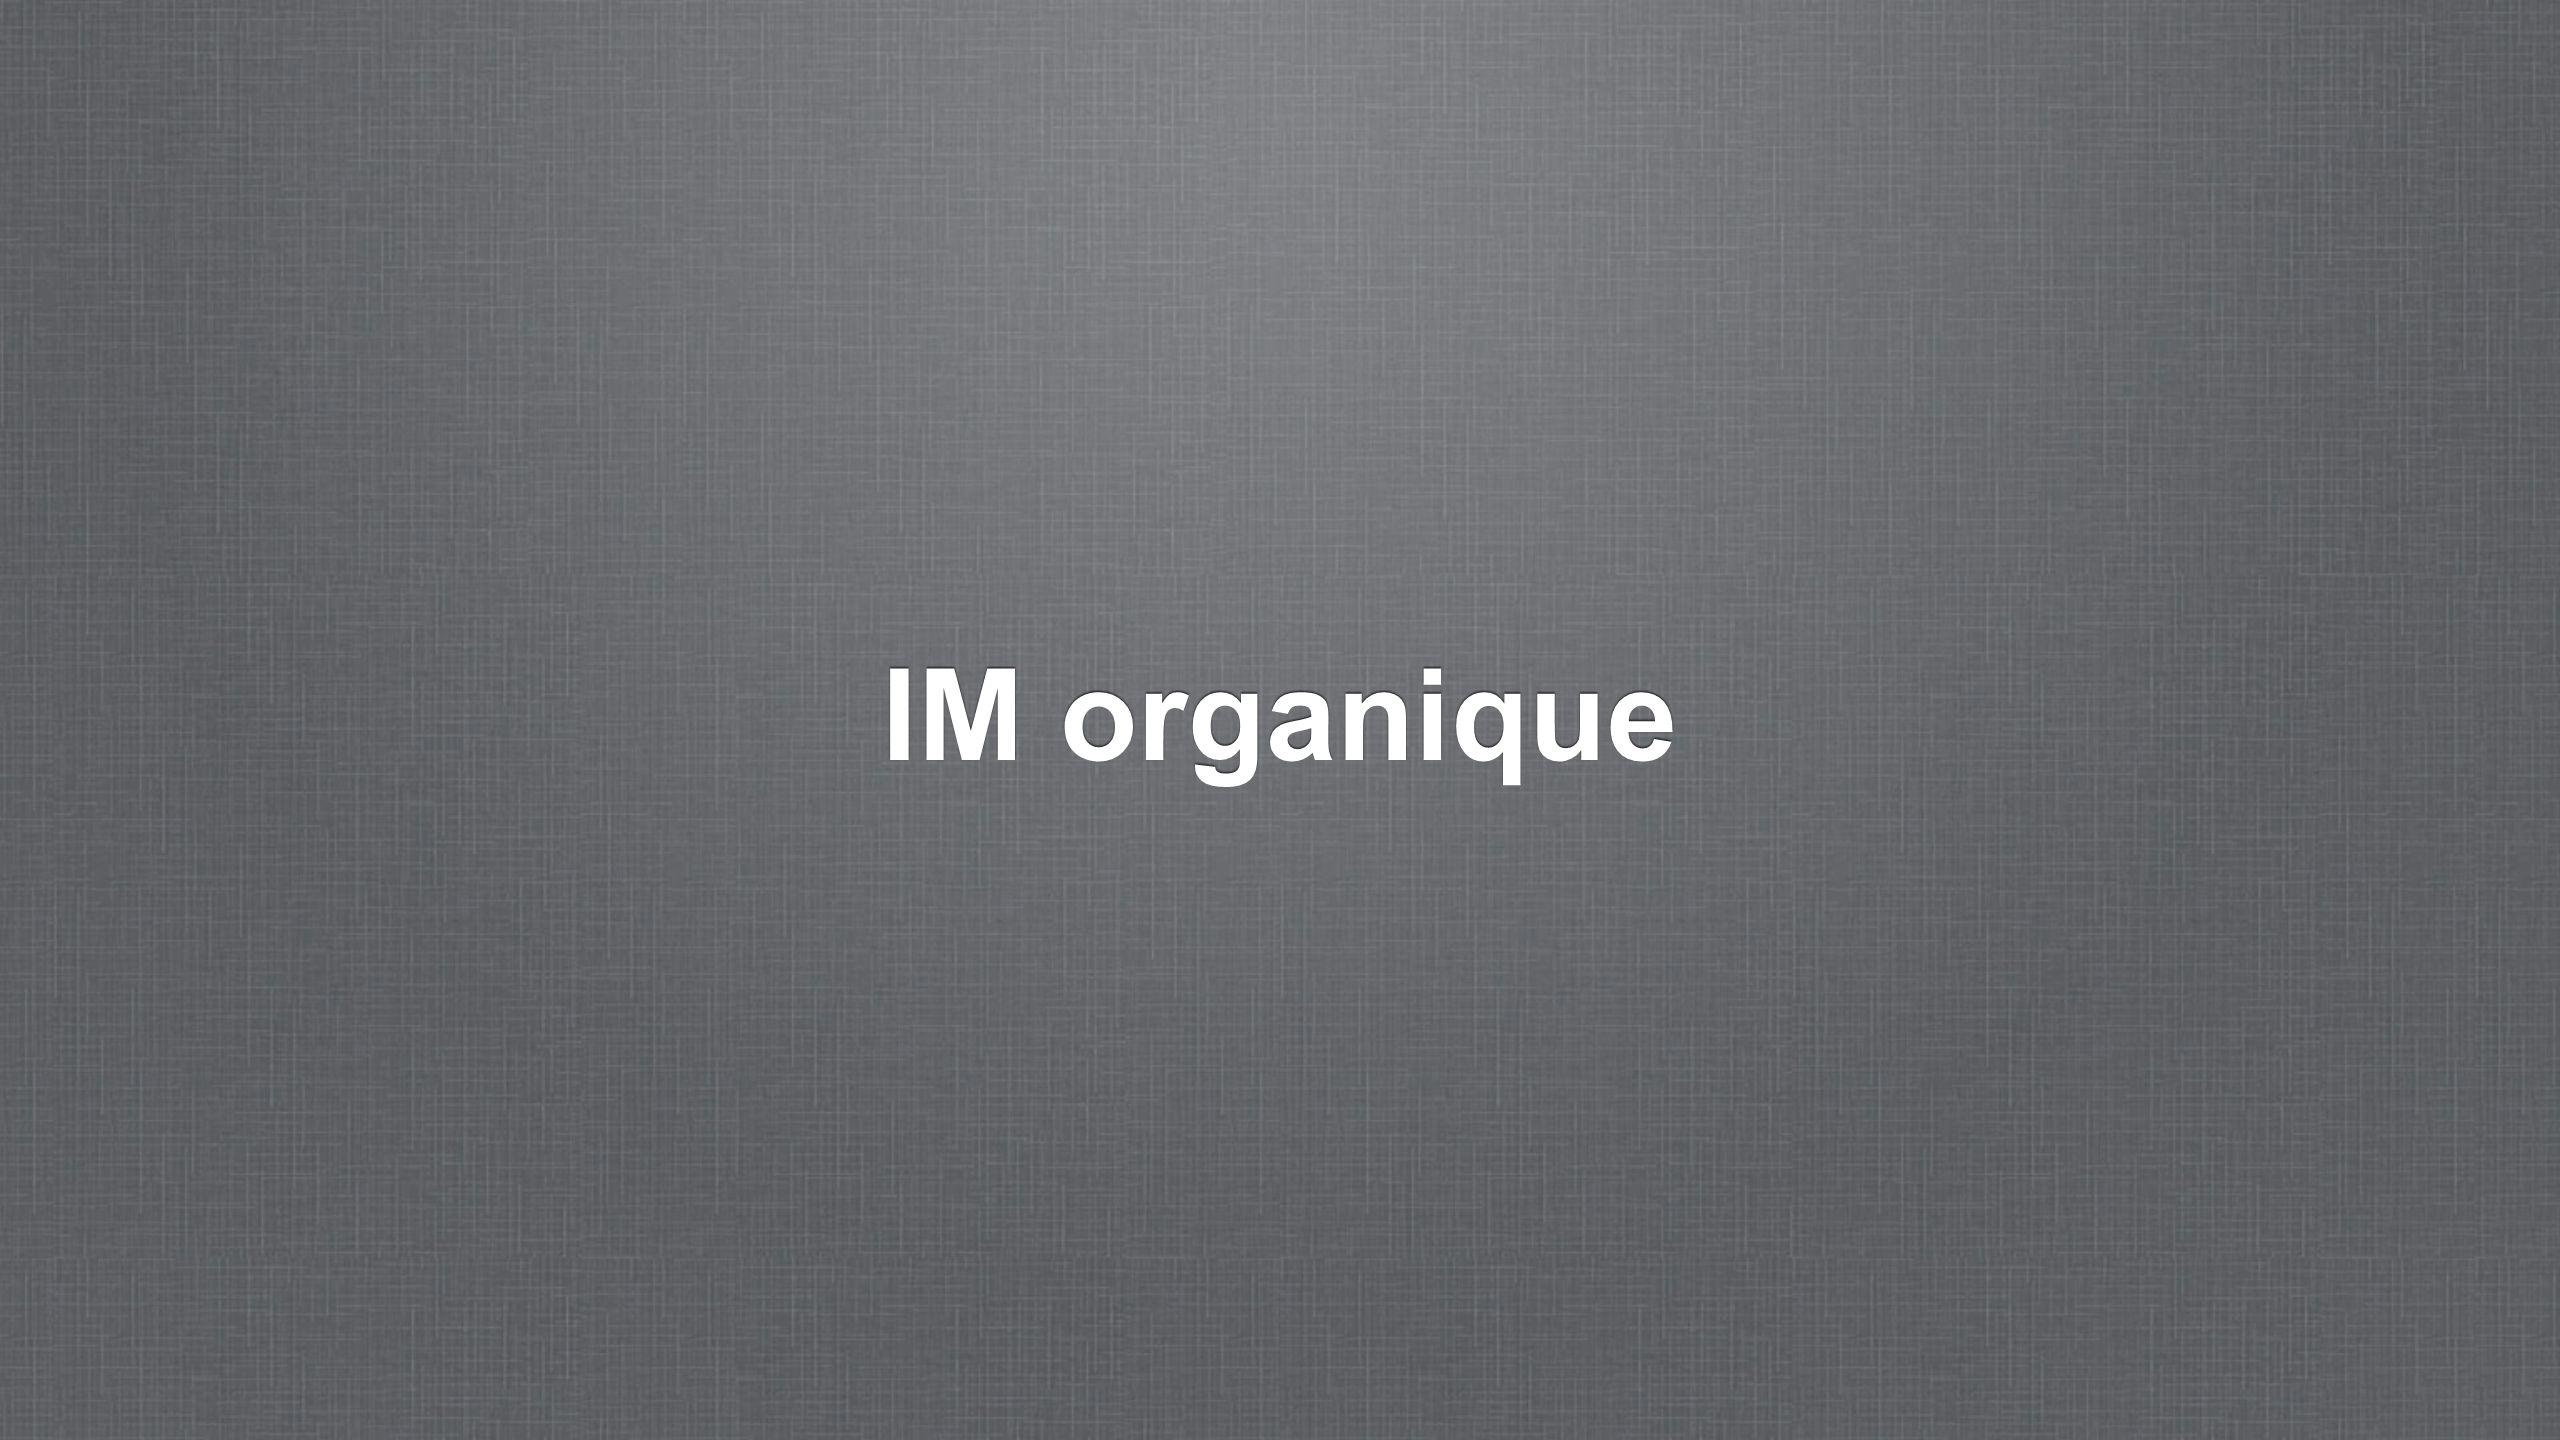 IM organique